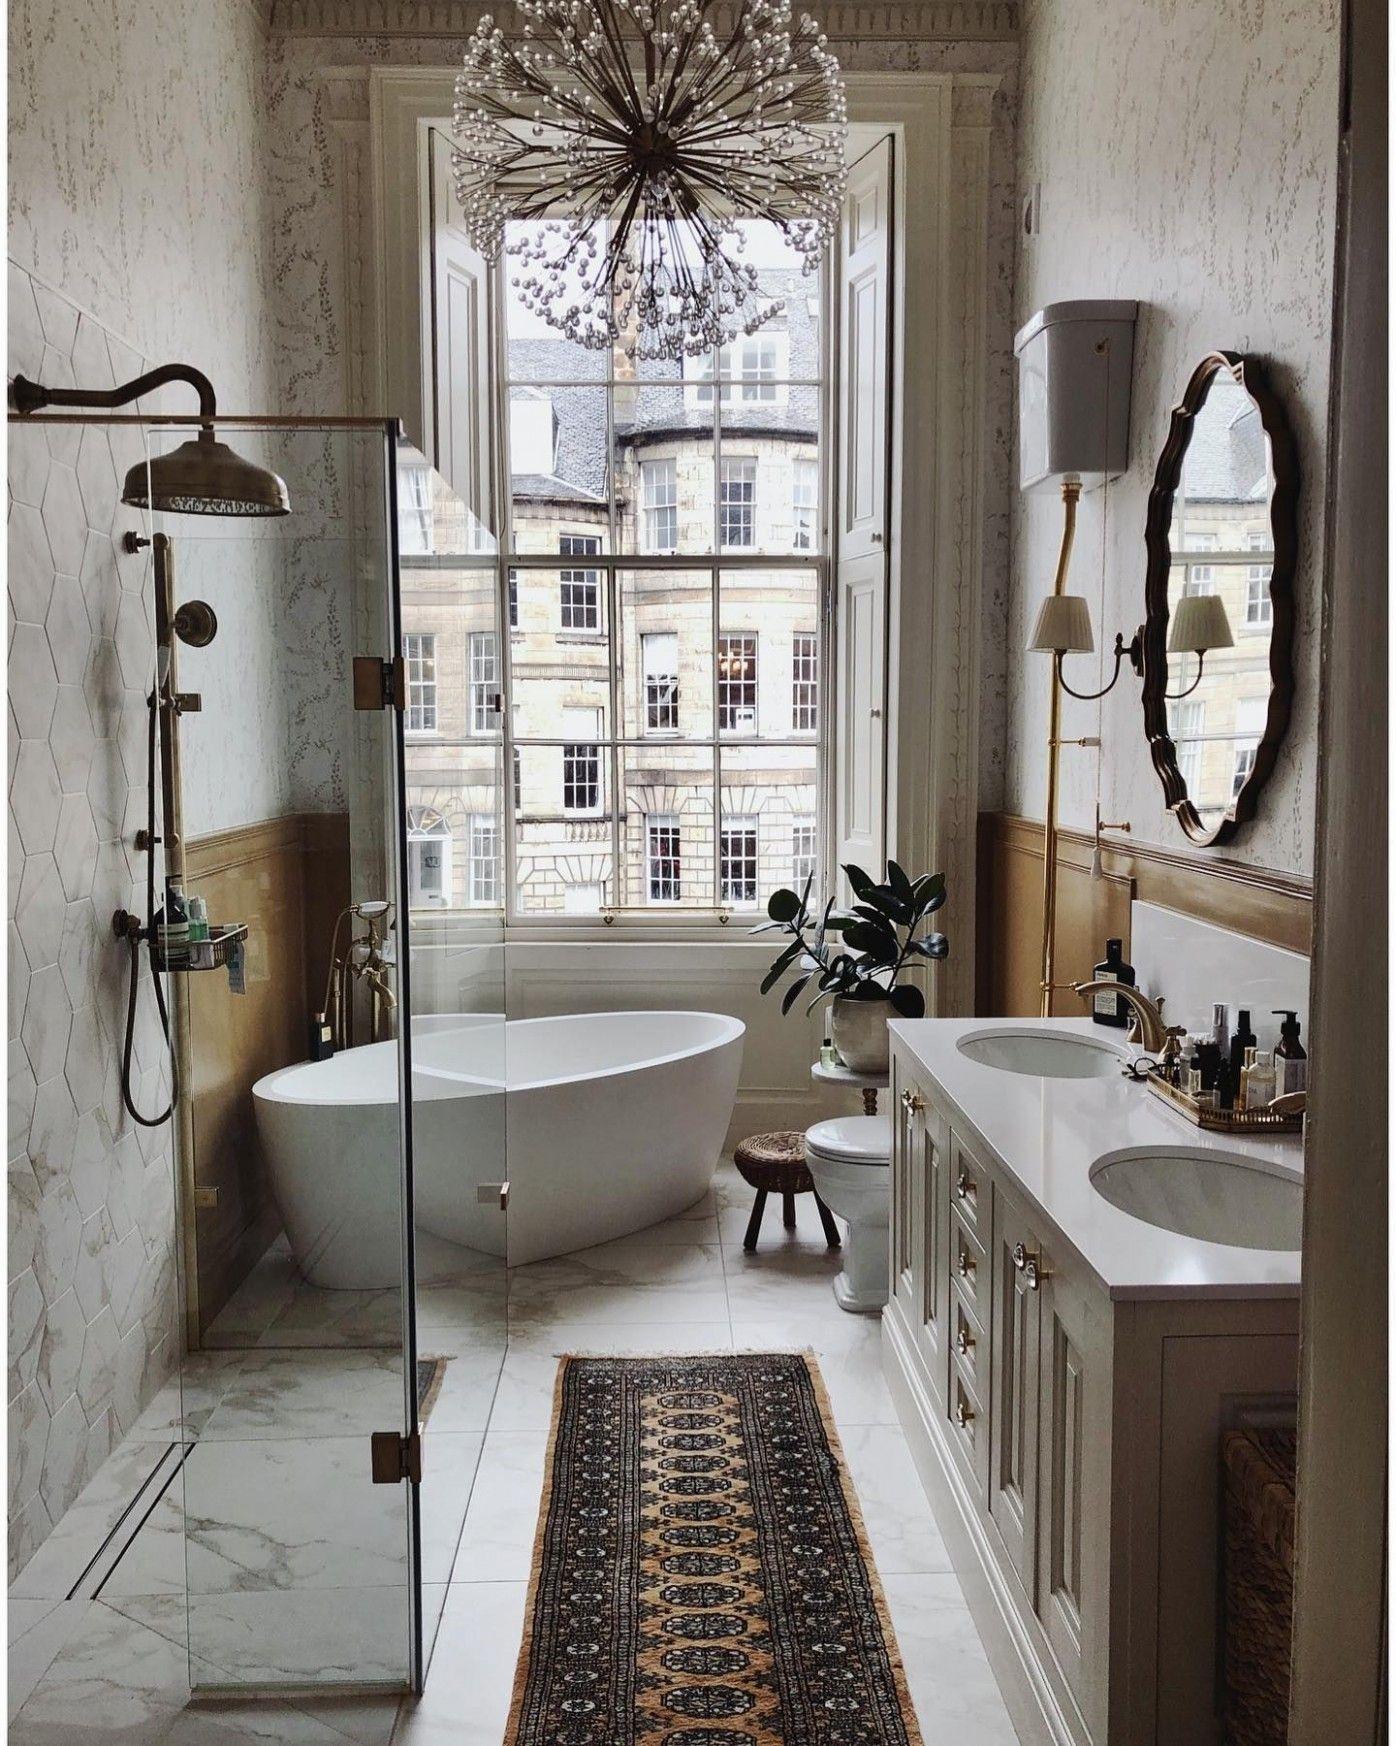 Small Bathroom Design Edinburgh in 10  Guest bathroom remodel